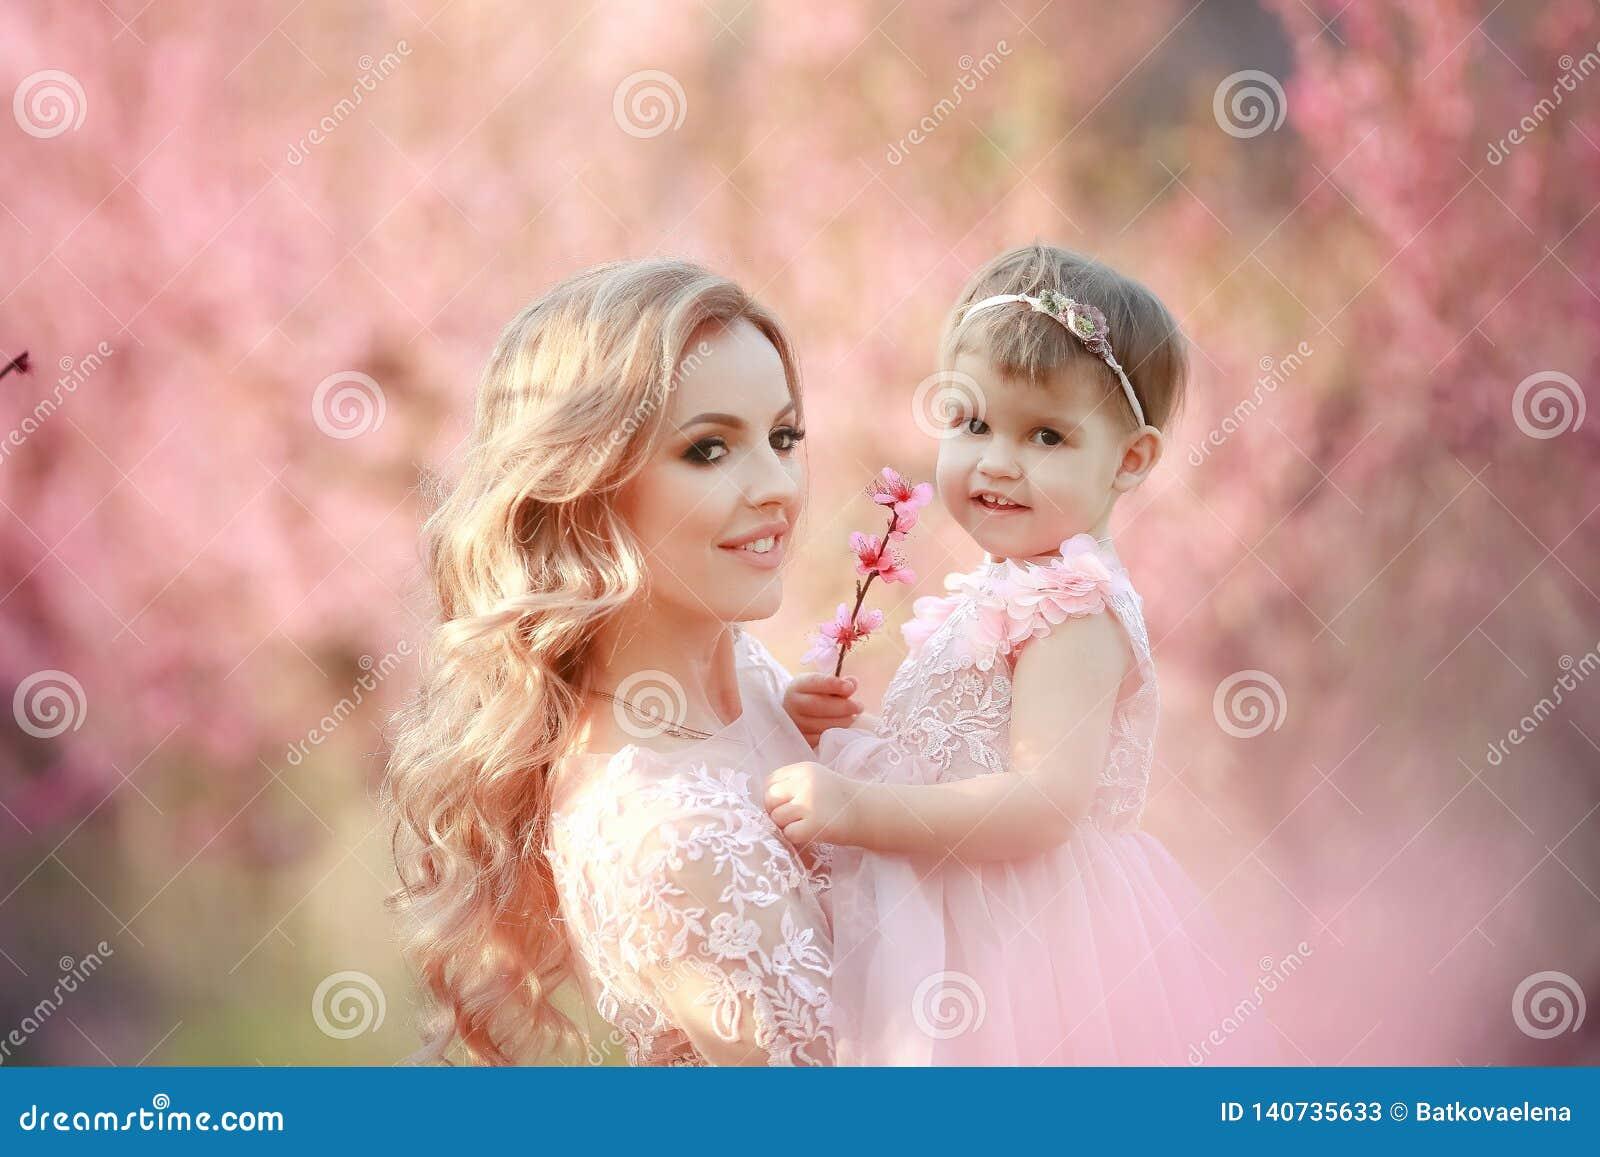 Mamma met een zuigeling in de roze tuin met bloemenbomen